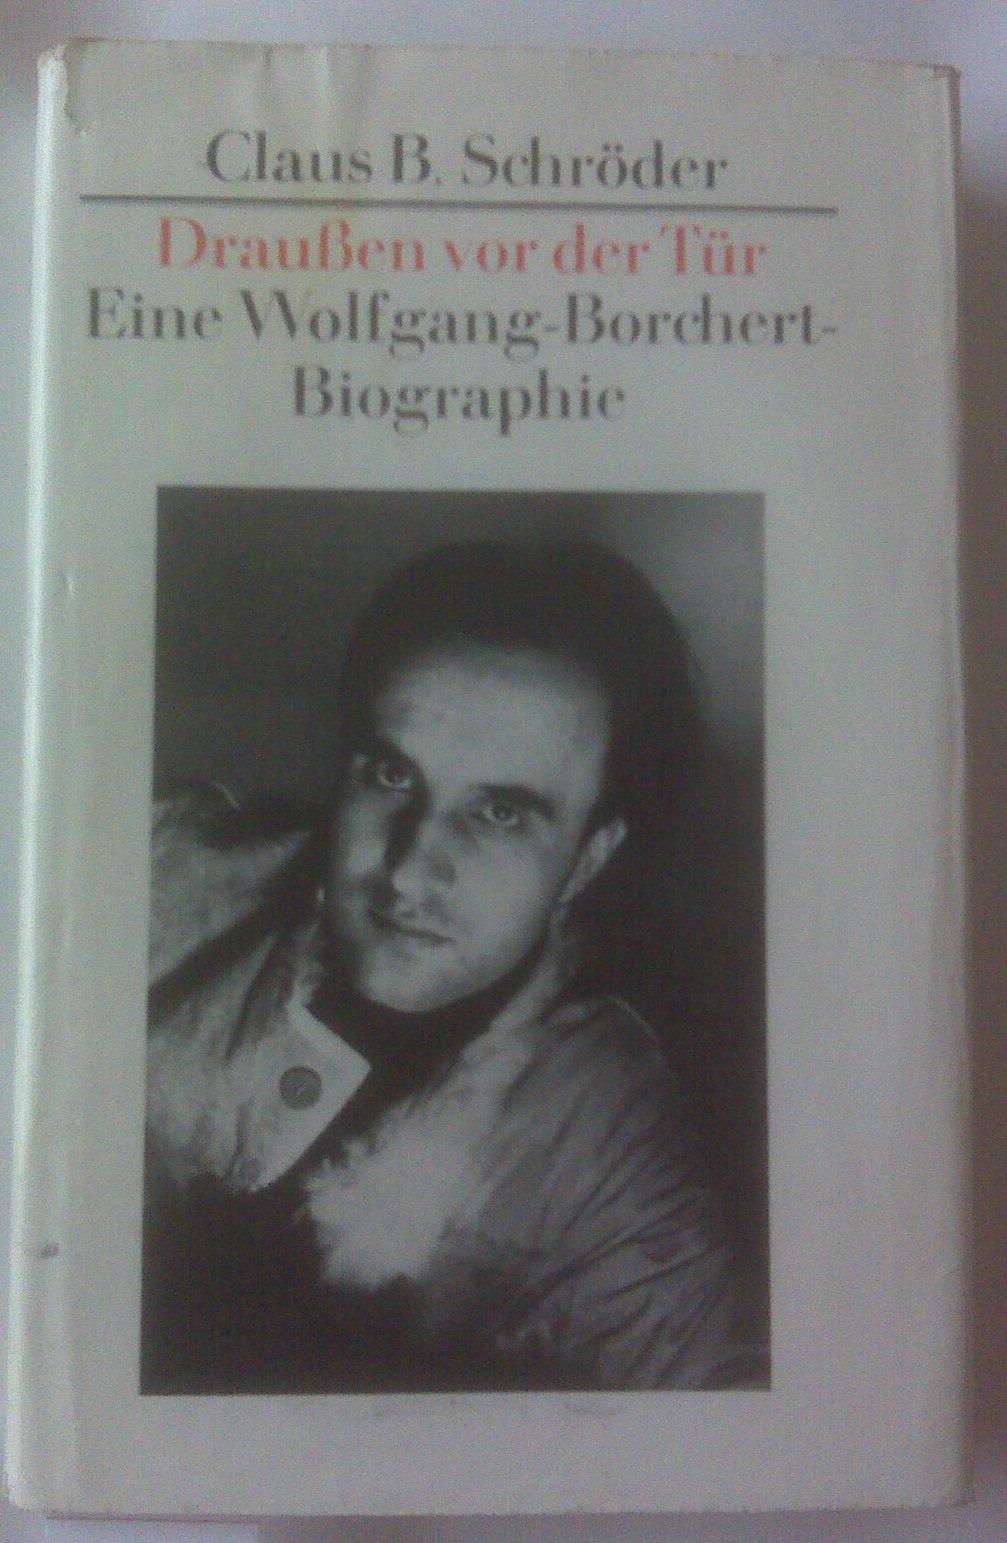 draussen vor der tr eine wolfgang borchert biografie amazonde claus b schrder bcher - Wolfgang Borchert Lebenslauf